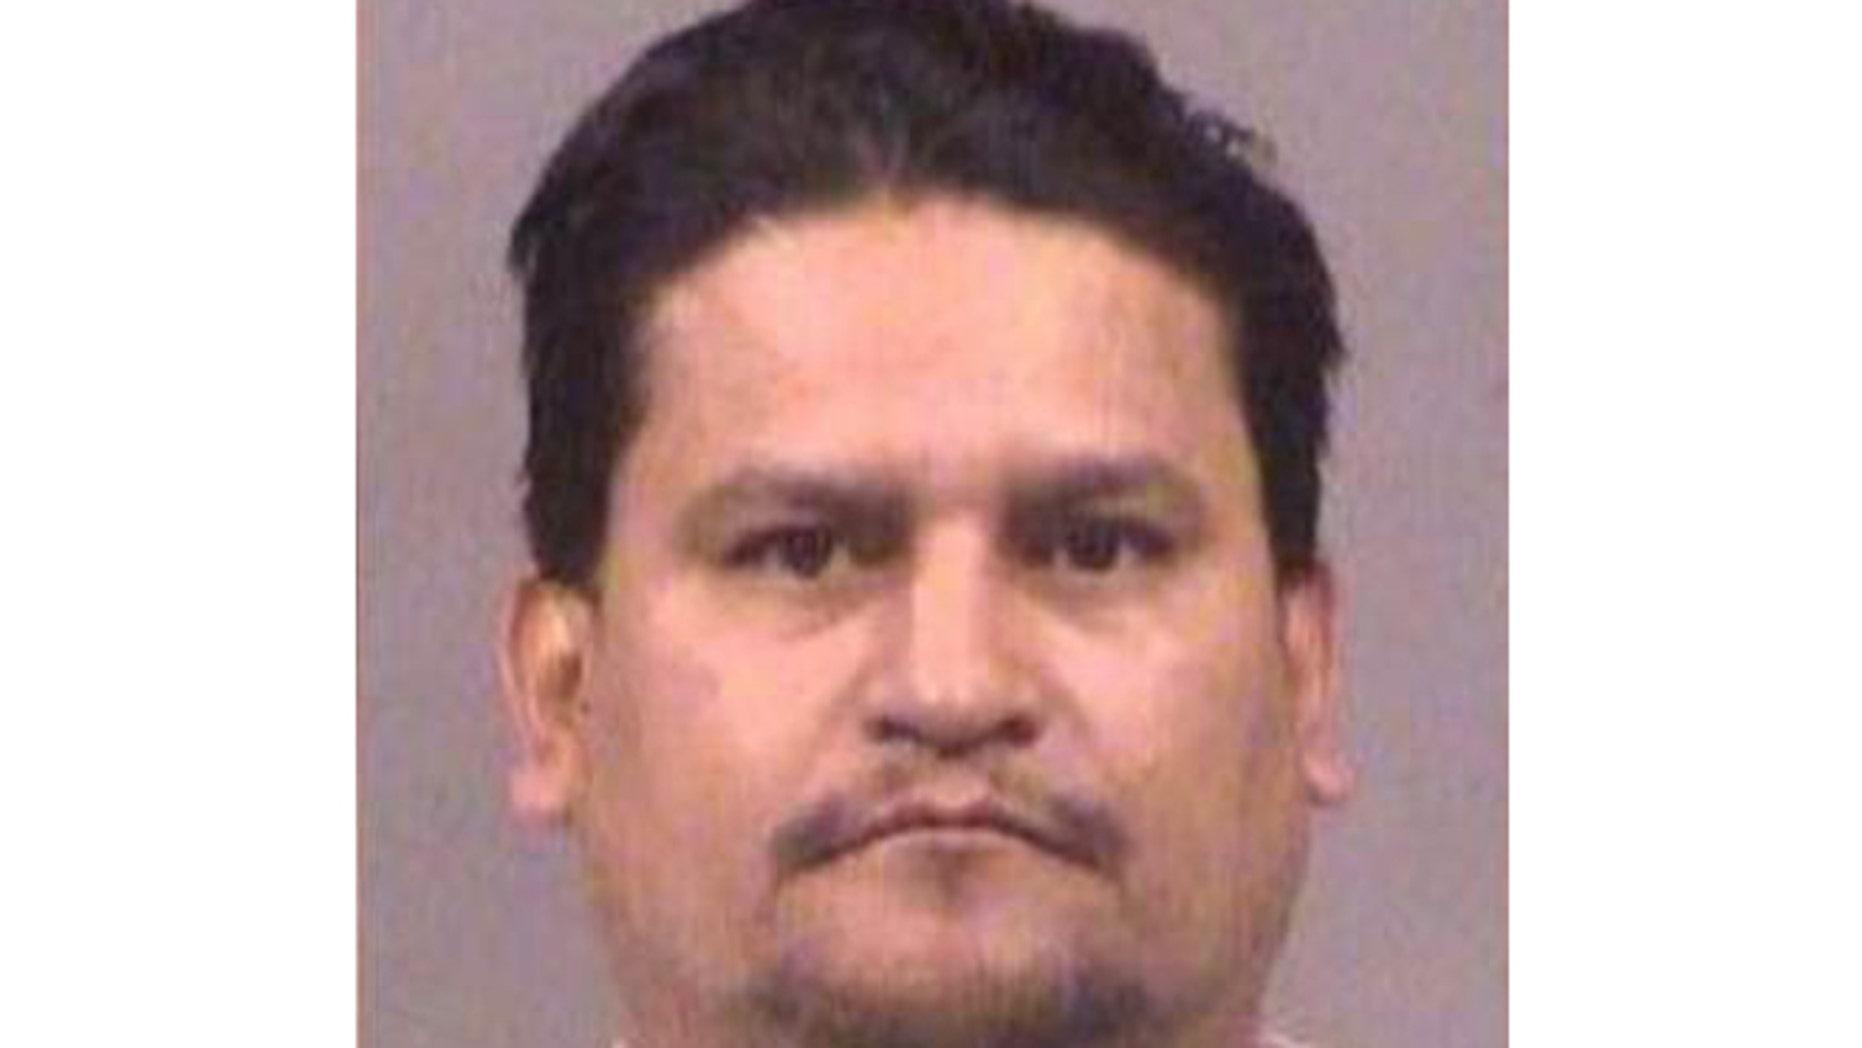 Alvaro Iglesias Rodriquez. (Kaufman Police Department